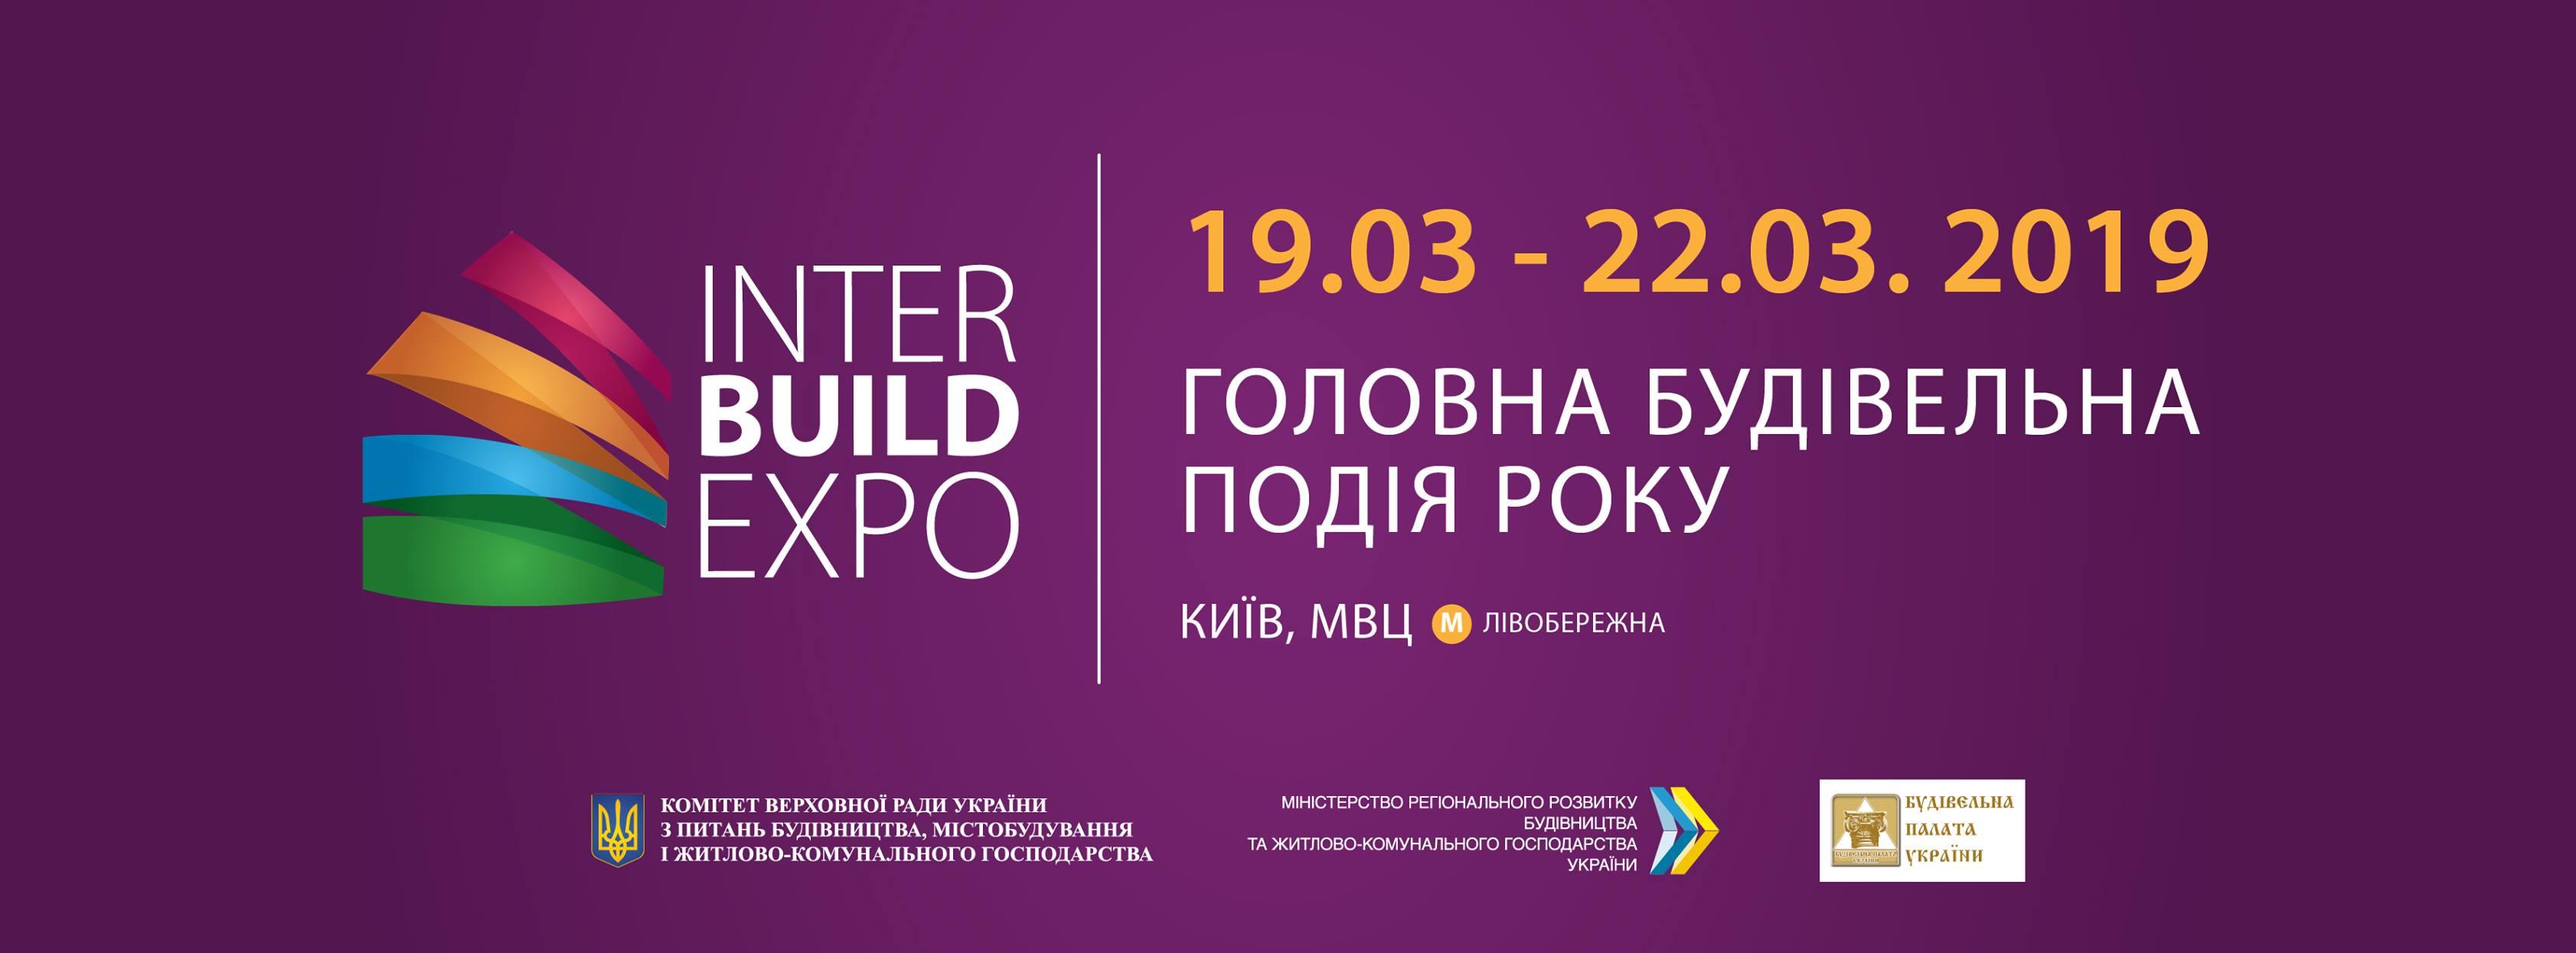 Посещение выставки INTER BUILD EXPO 2019